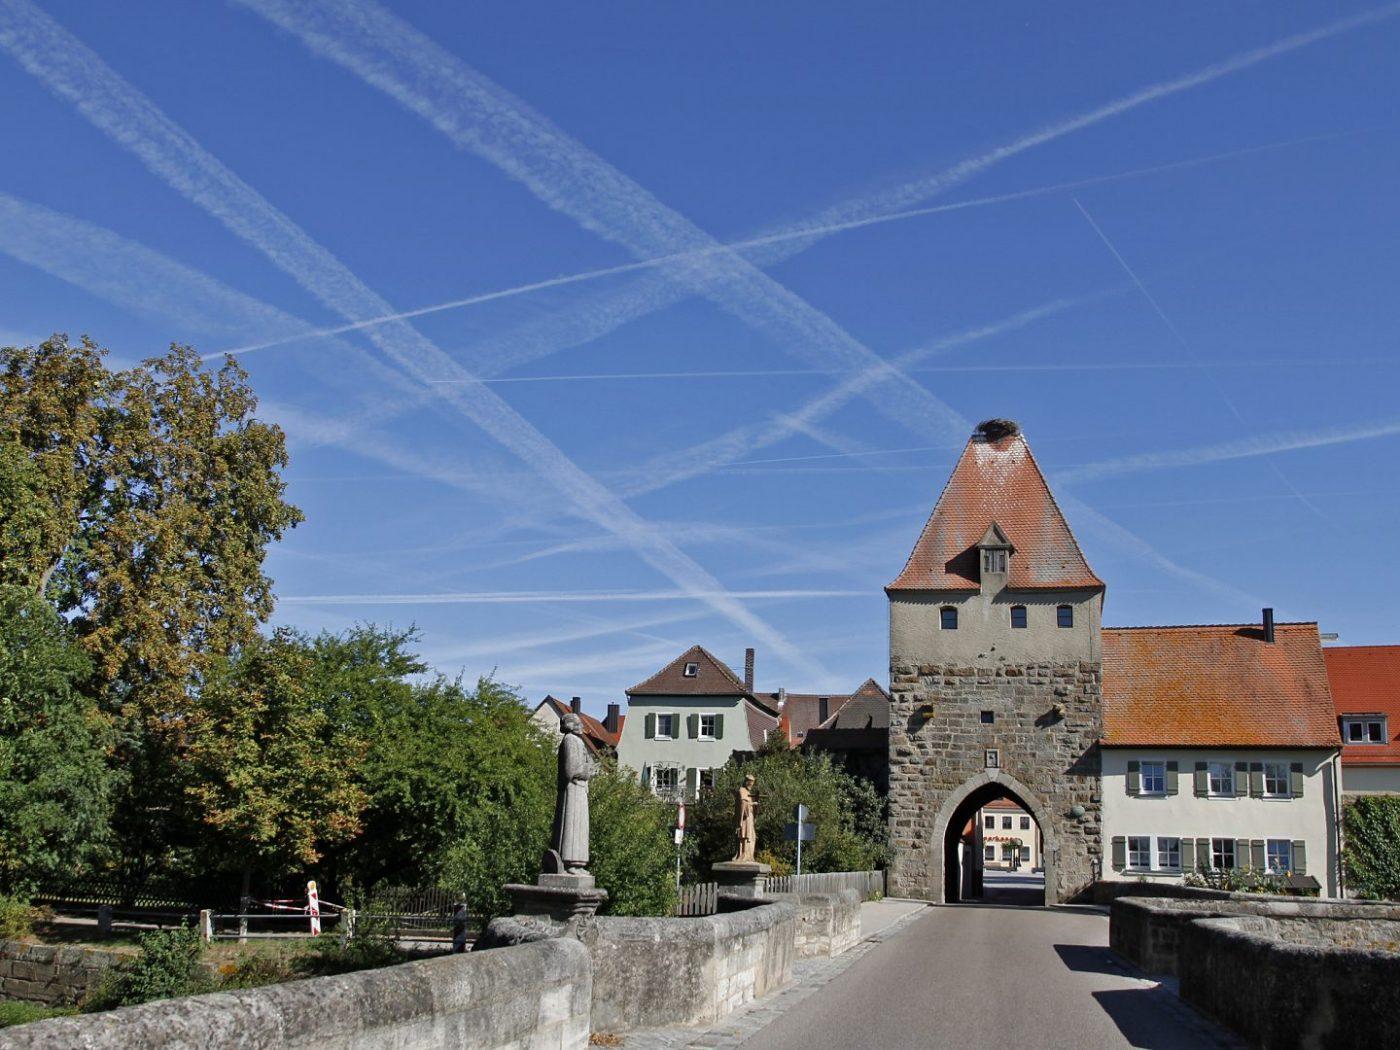 Luftverkehr - von Günther Holzinger